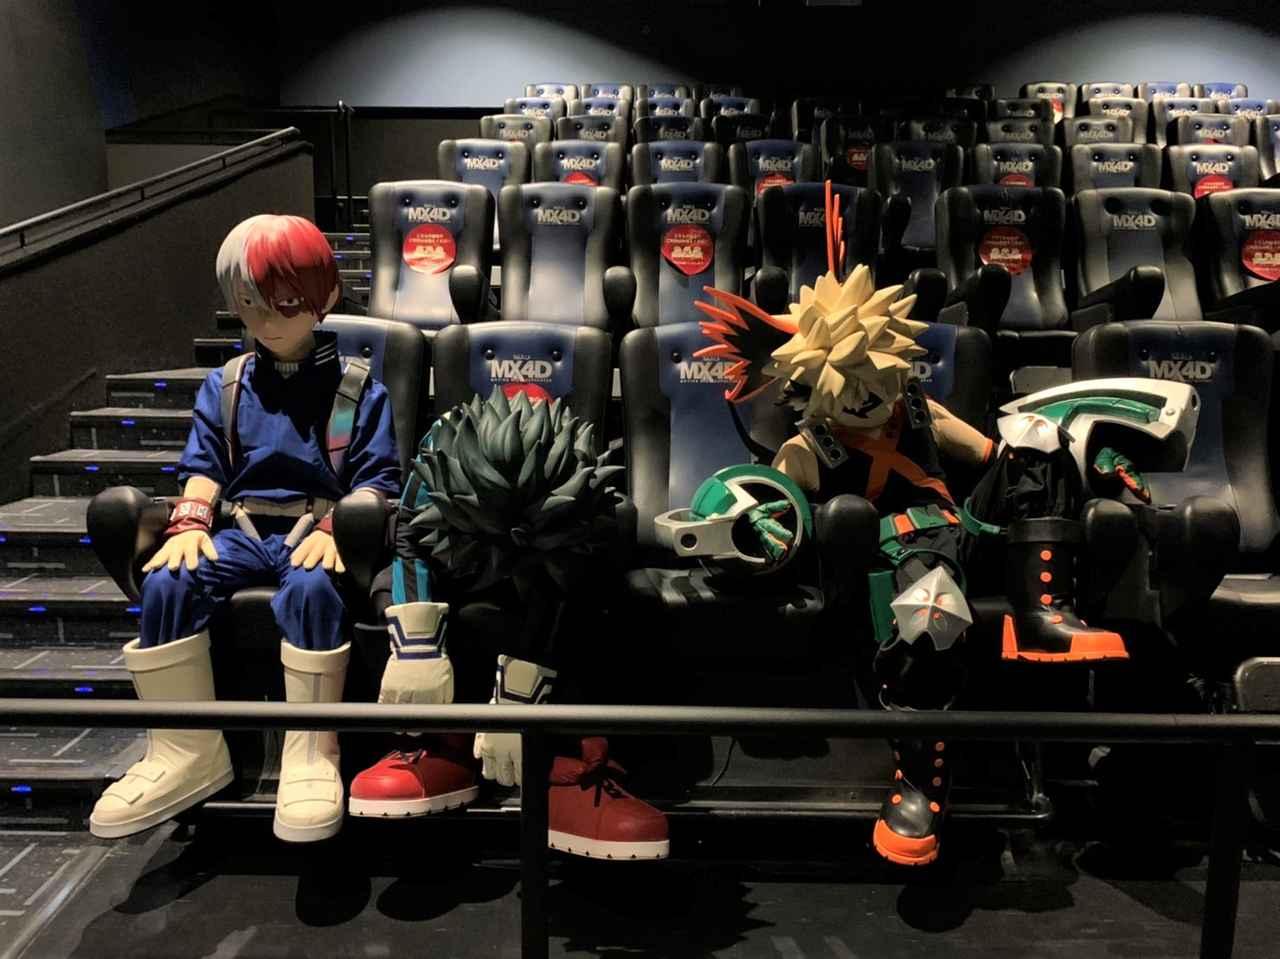 画像4: 4D上映を一足先に「ヒロアカ応援ヒーロー」のデクくん・爆豪くん・轟くんの3人が劇場で体感